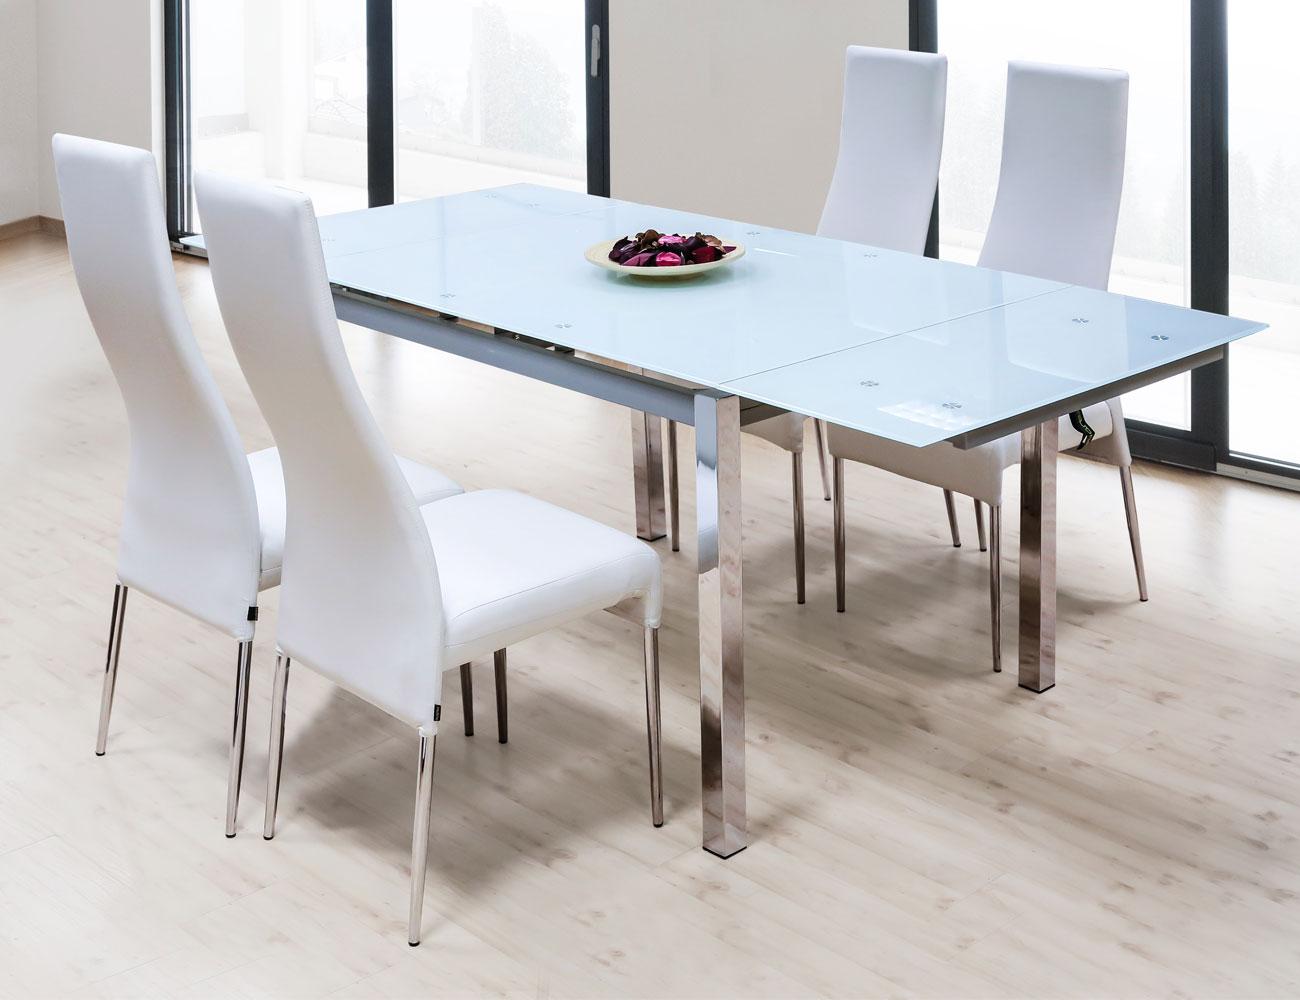 Mesa de comedor de cristal templado extensible con alas for Cristal mesa